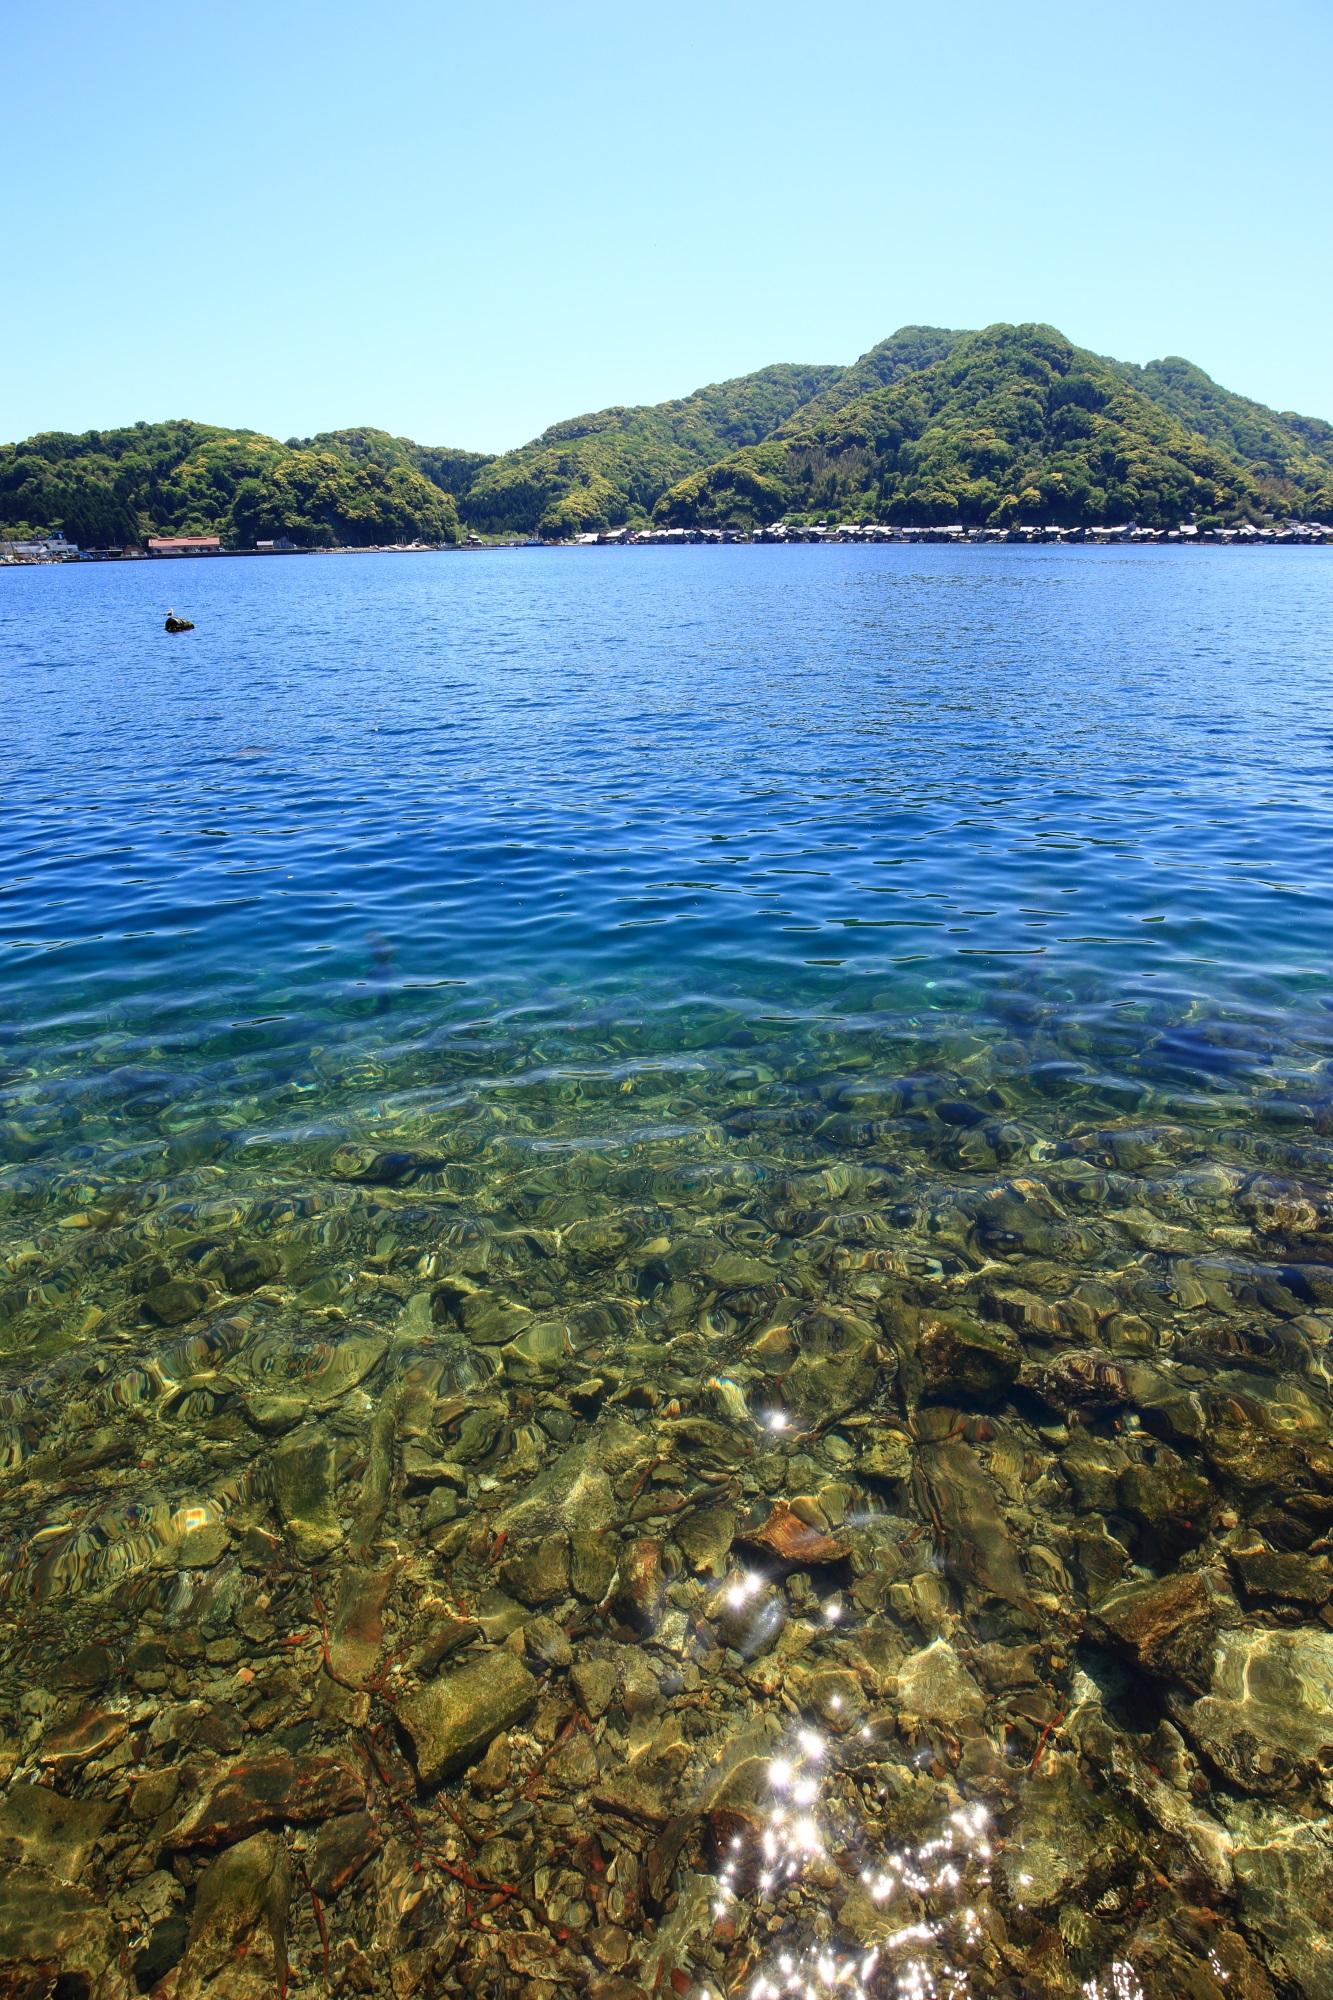 人がたくさん生活しているのに透き通るような綺麗な海の伊根湾